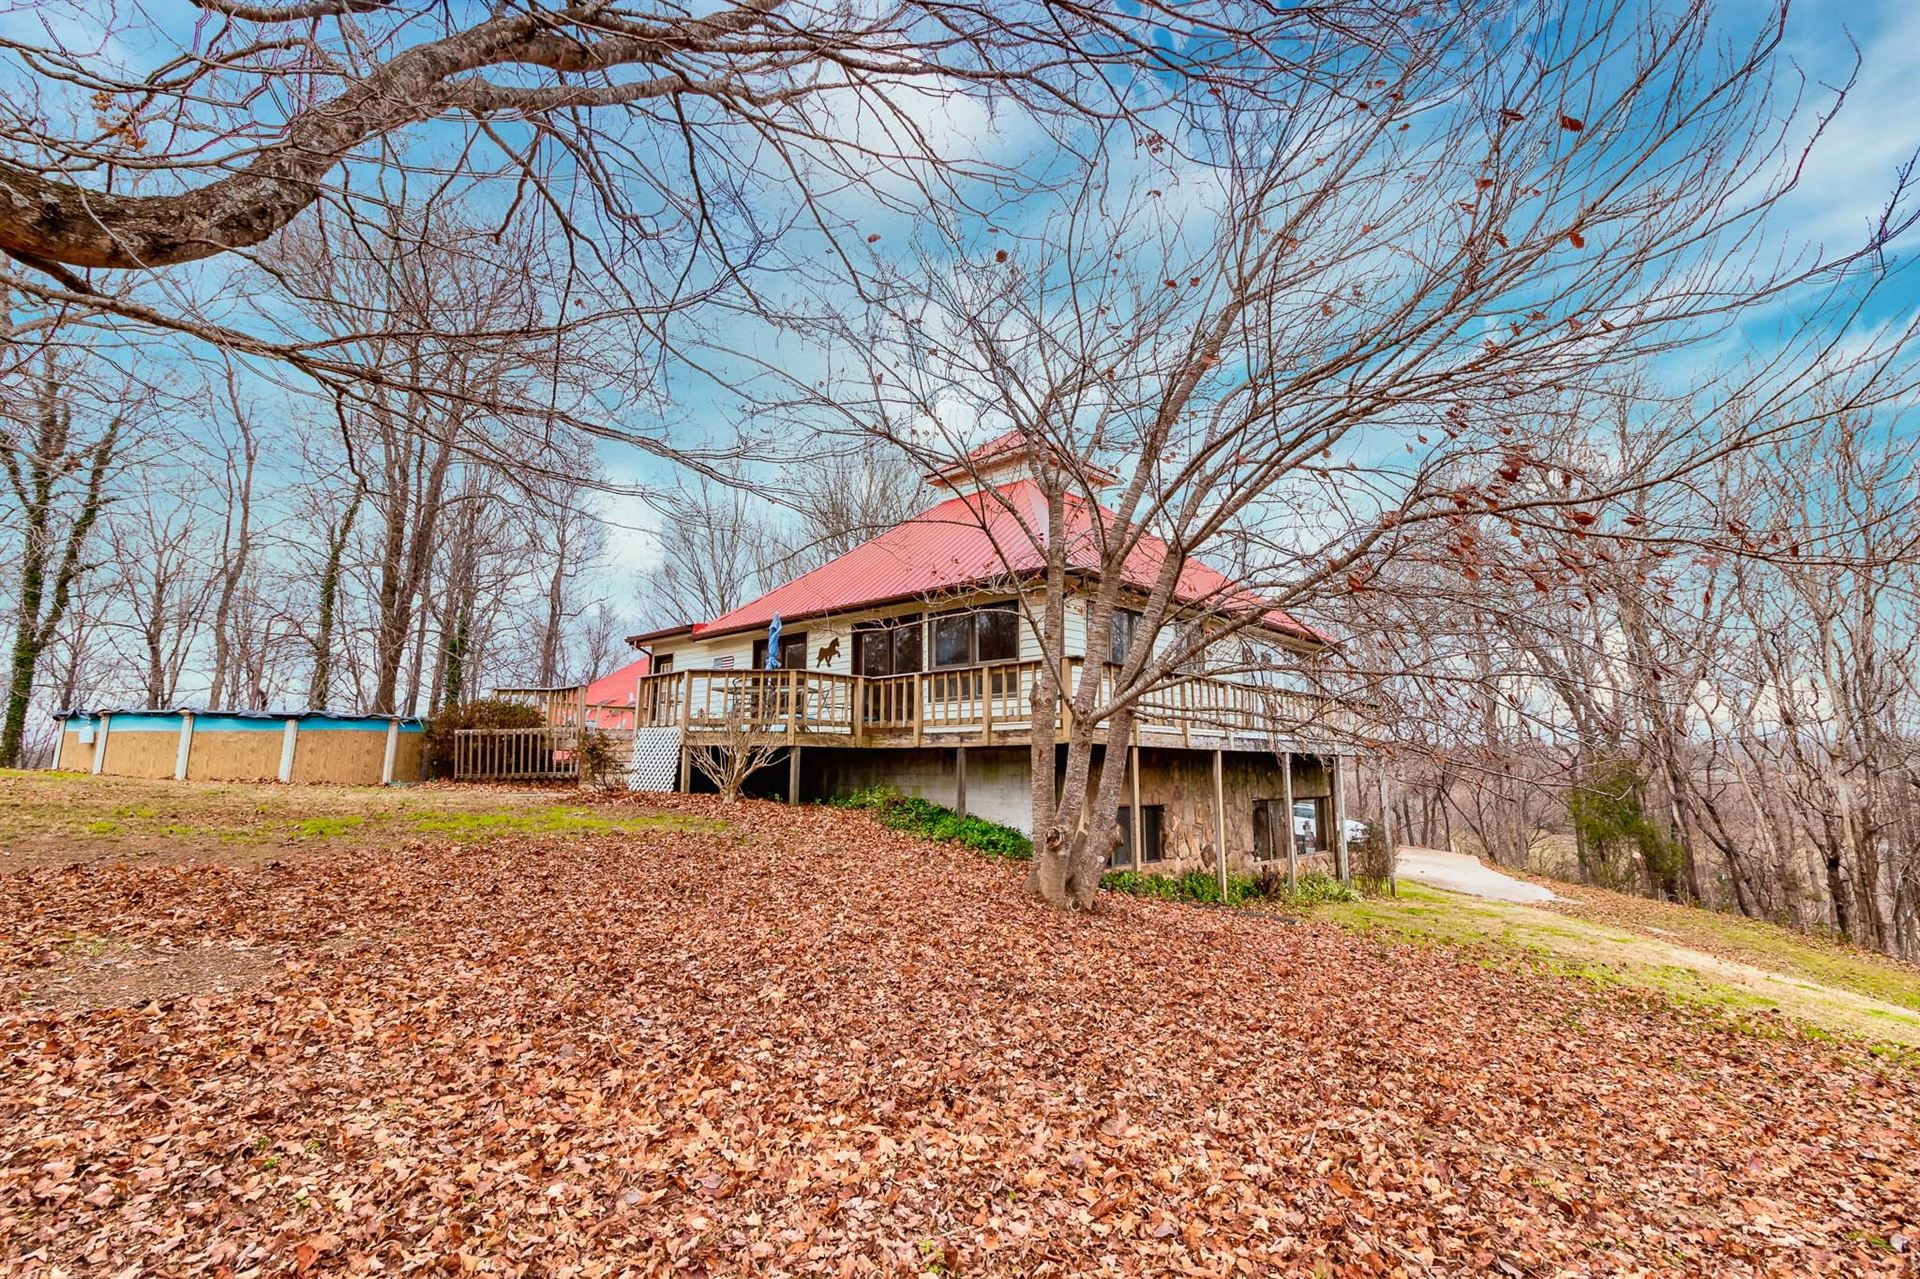 Photo of 615 Sumac Rd, Pulaski, TN 38478 (MLS # 2200946)